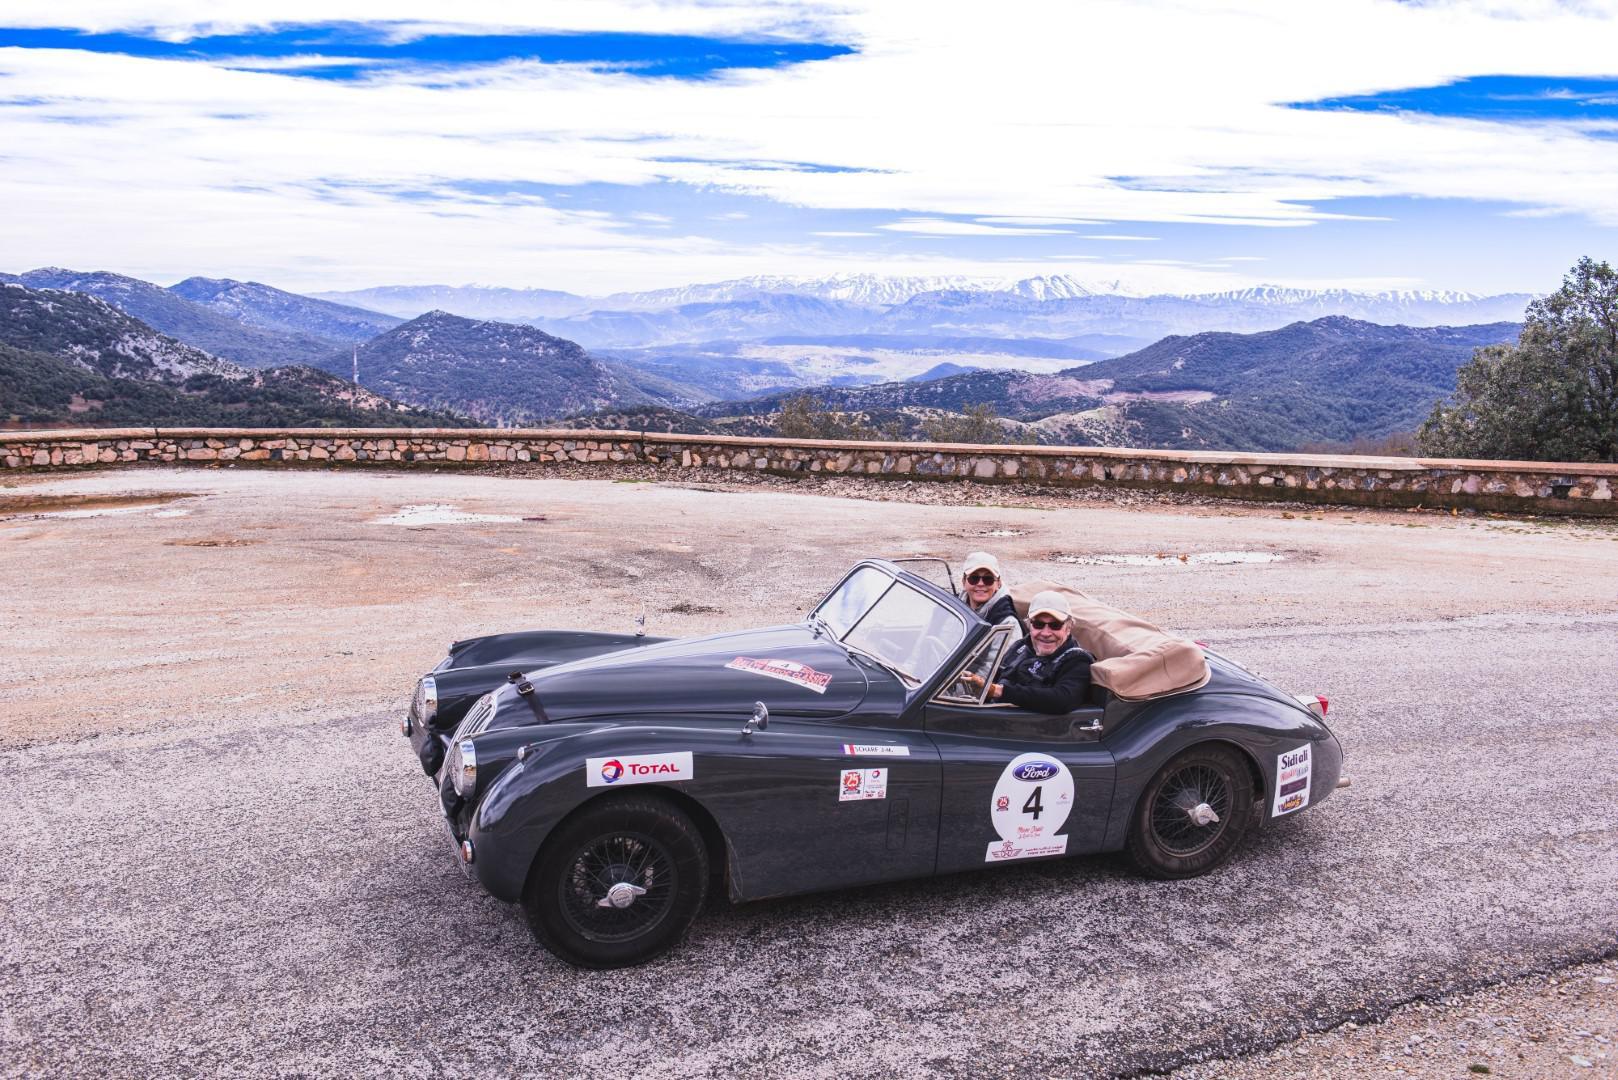 victoire-marocaine-pour-le-25eme-anniversaire-du-rallye-maroc-classic-680-8.jpg